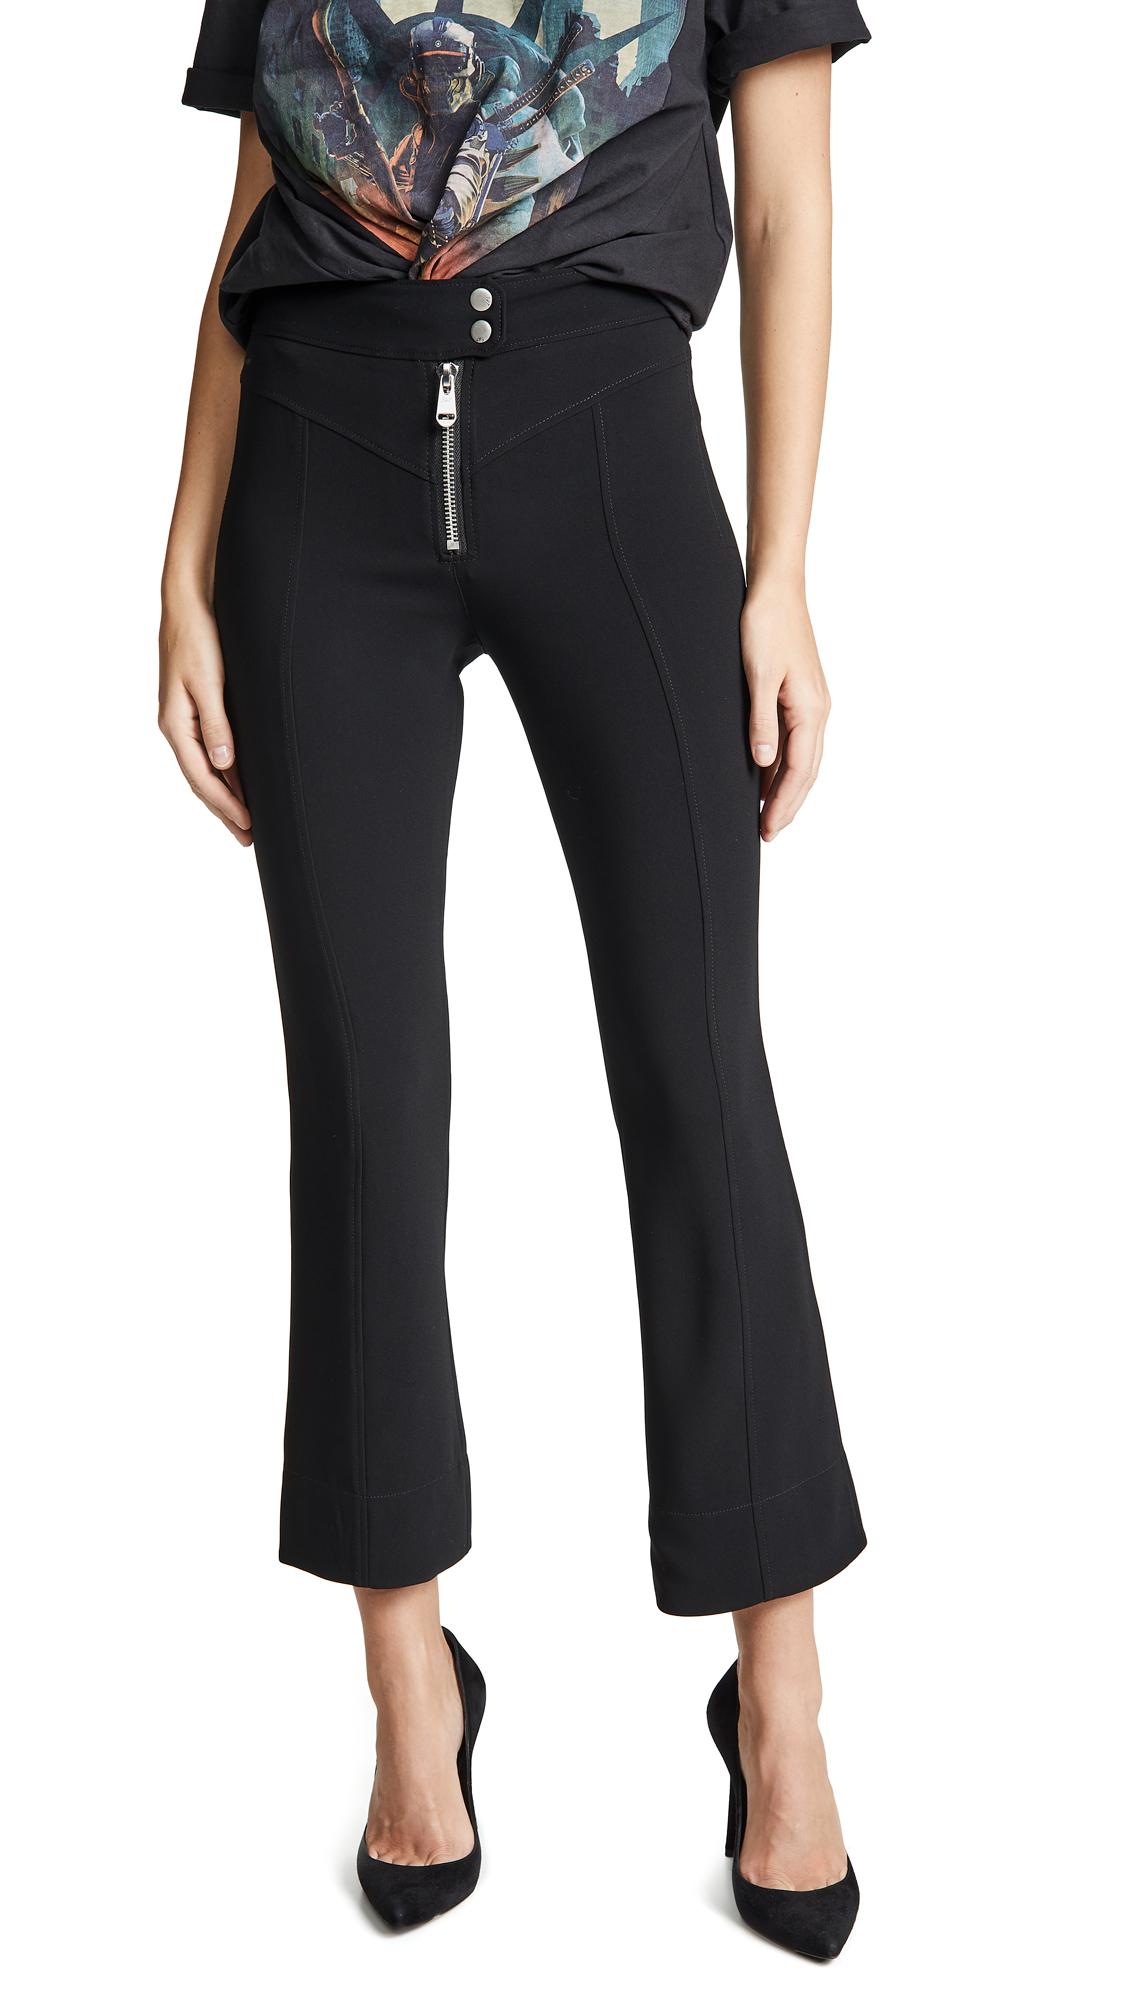 Cinq a Sept Crepe Kirim Pants - Black